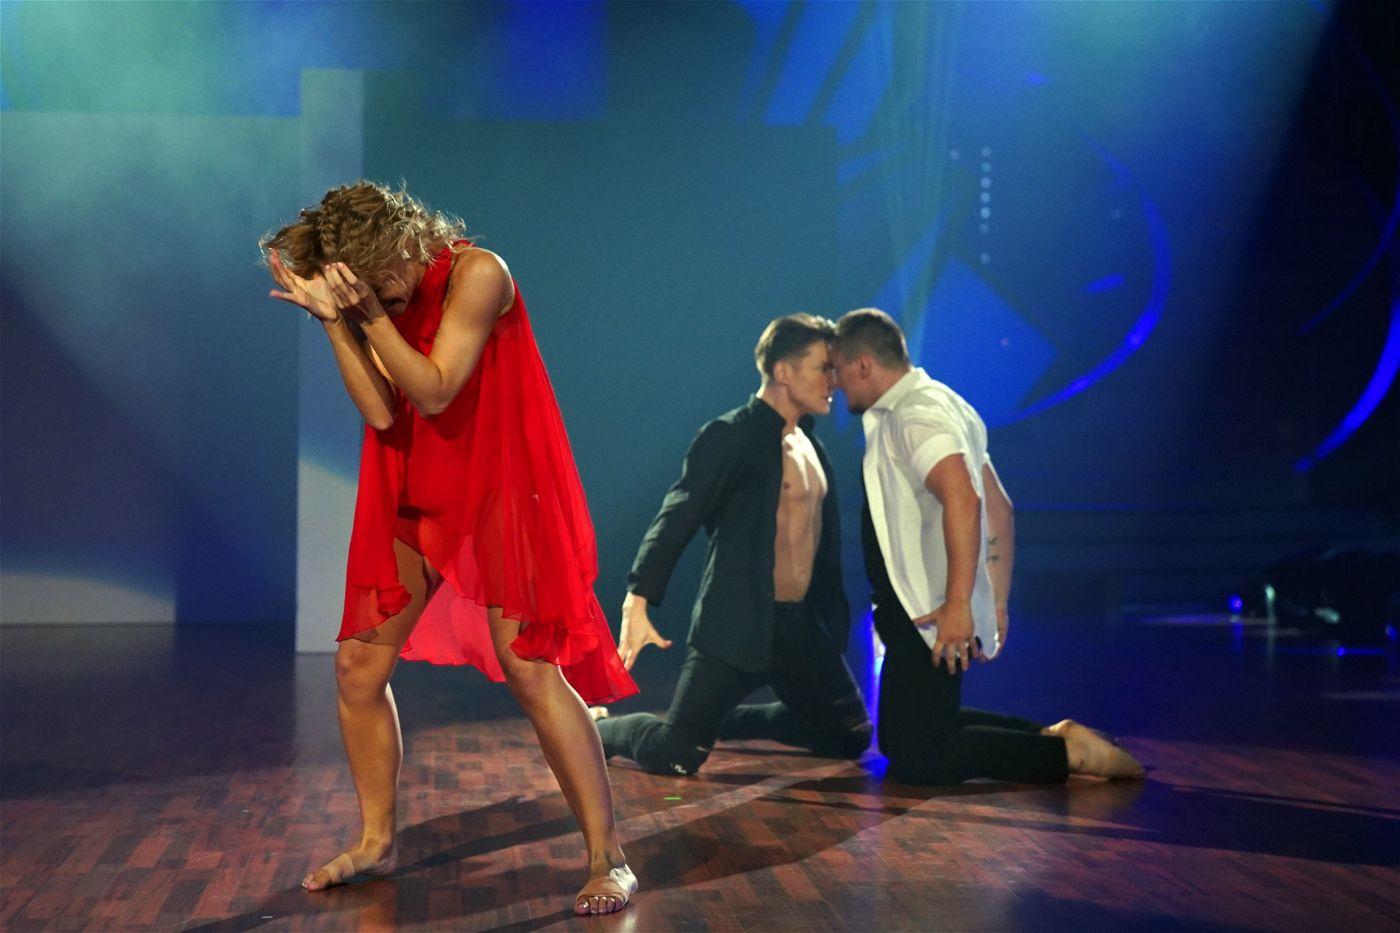 Auch ein Trio ist dabei: Marta Arndt tanzt mit Evgeny Vinokurov & Evgenij Voznyuk (Ehemann von Motsi Mabuse).